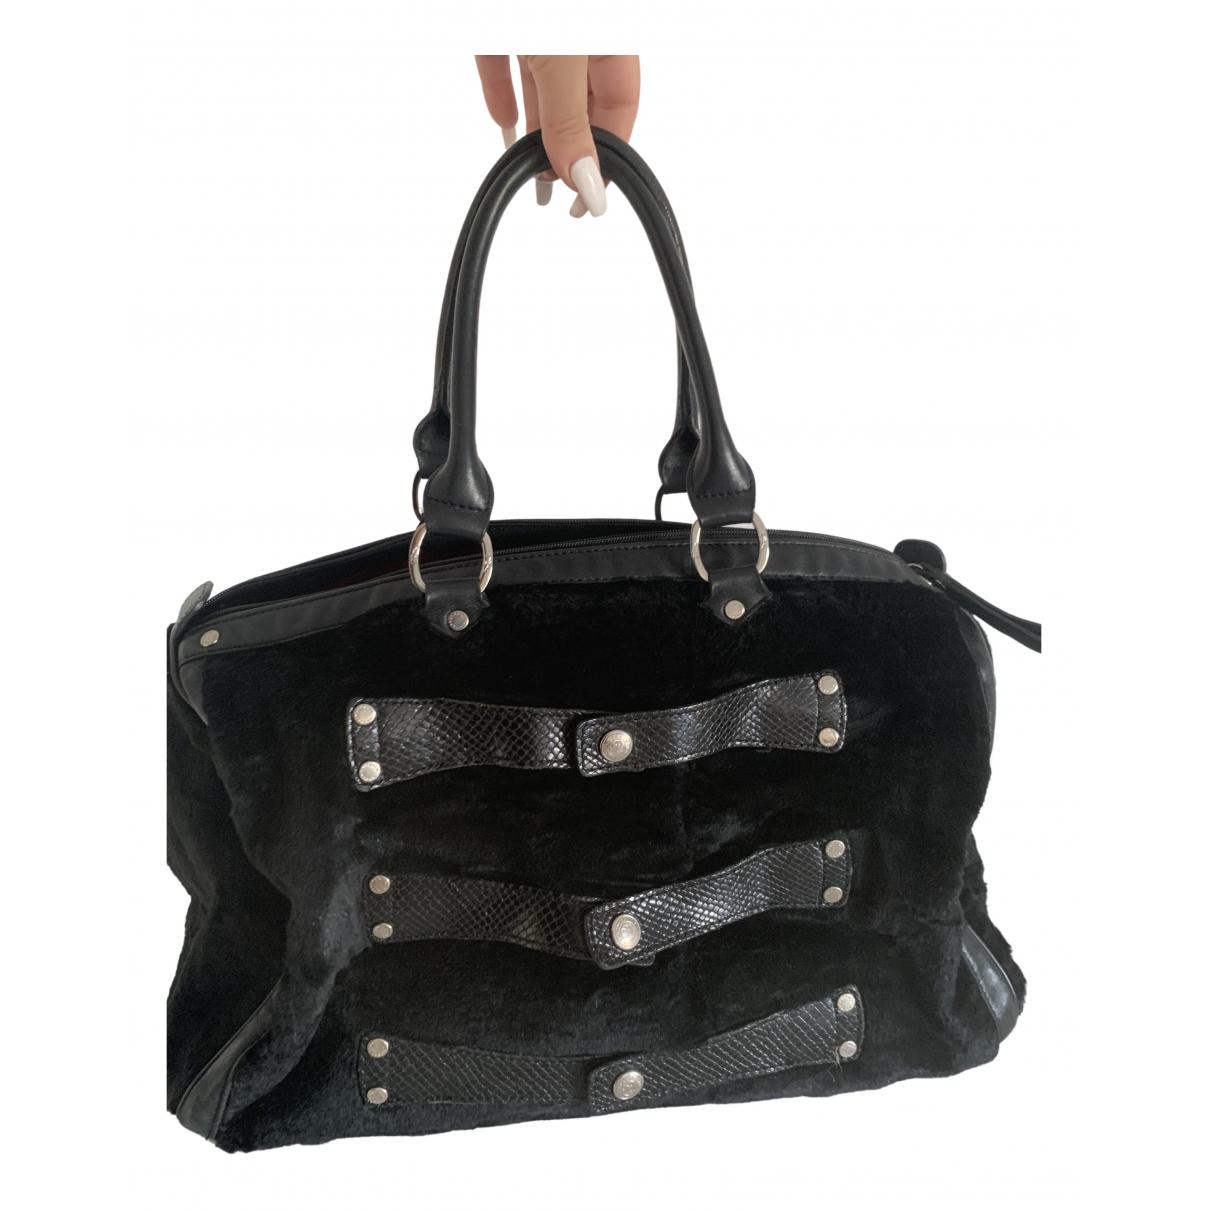 Bolso  Kate Moss de Piel de potro de imitacion Longchamp